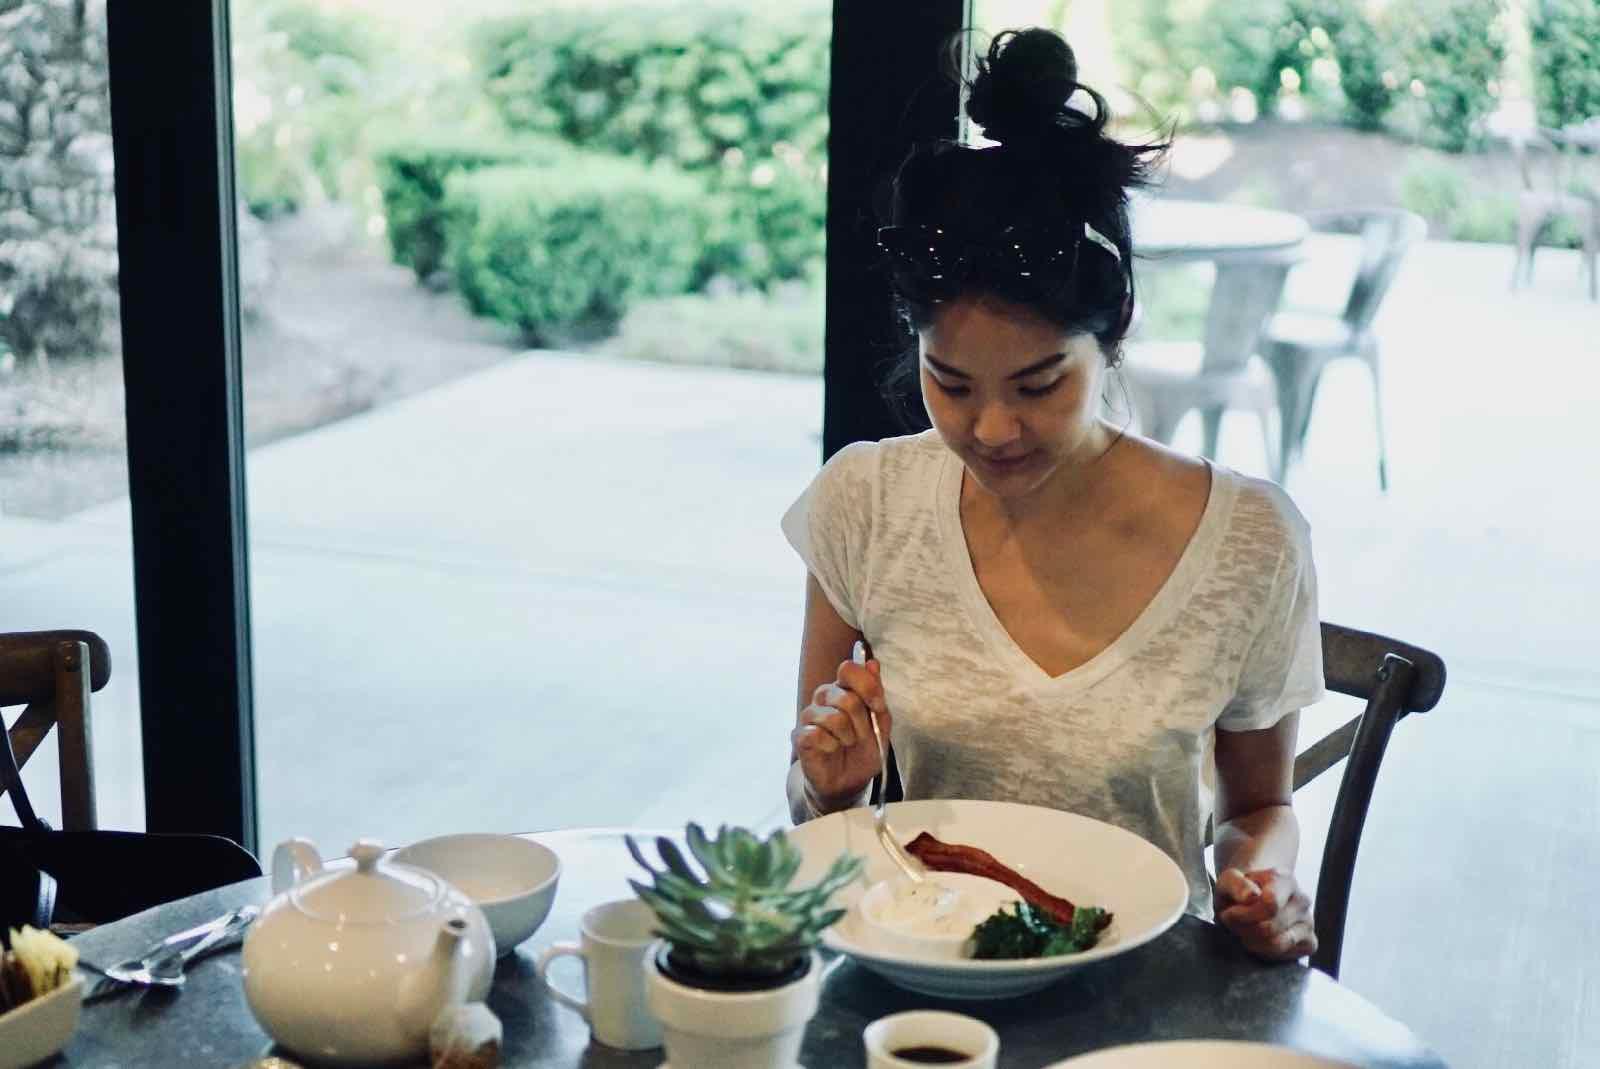 summerwood-winery-inn-breakfast-2.jpg